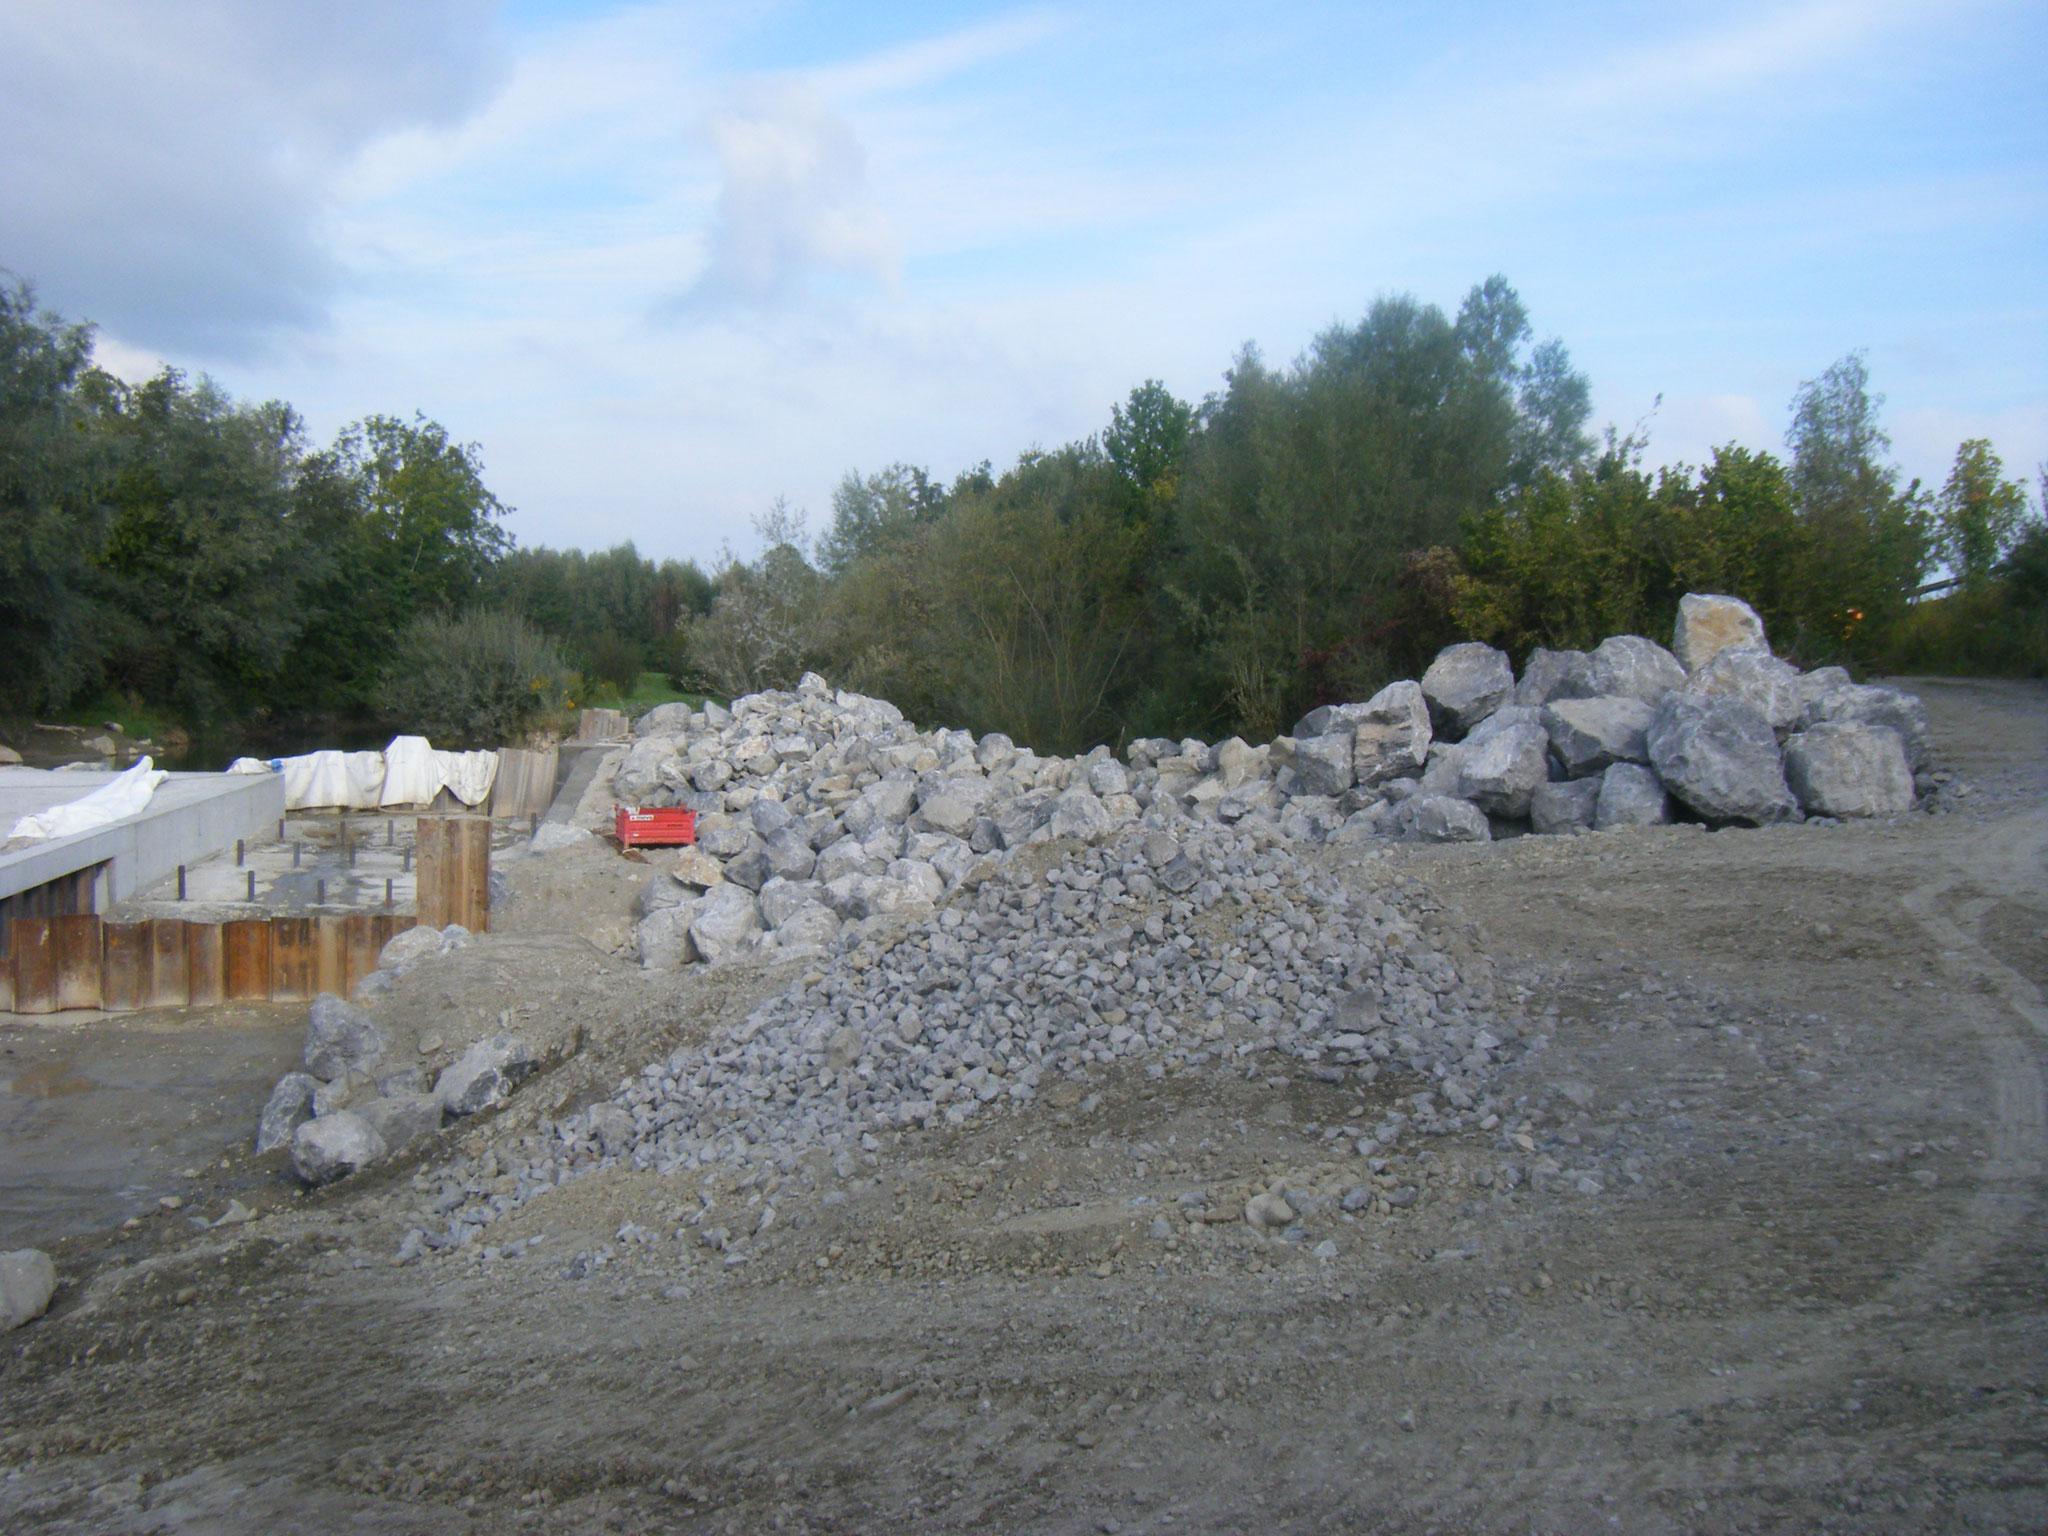 Ein großer Wall von Steinen sichert den Damm zwischen Baustelle und Rotach/Allmannsweiler Bach